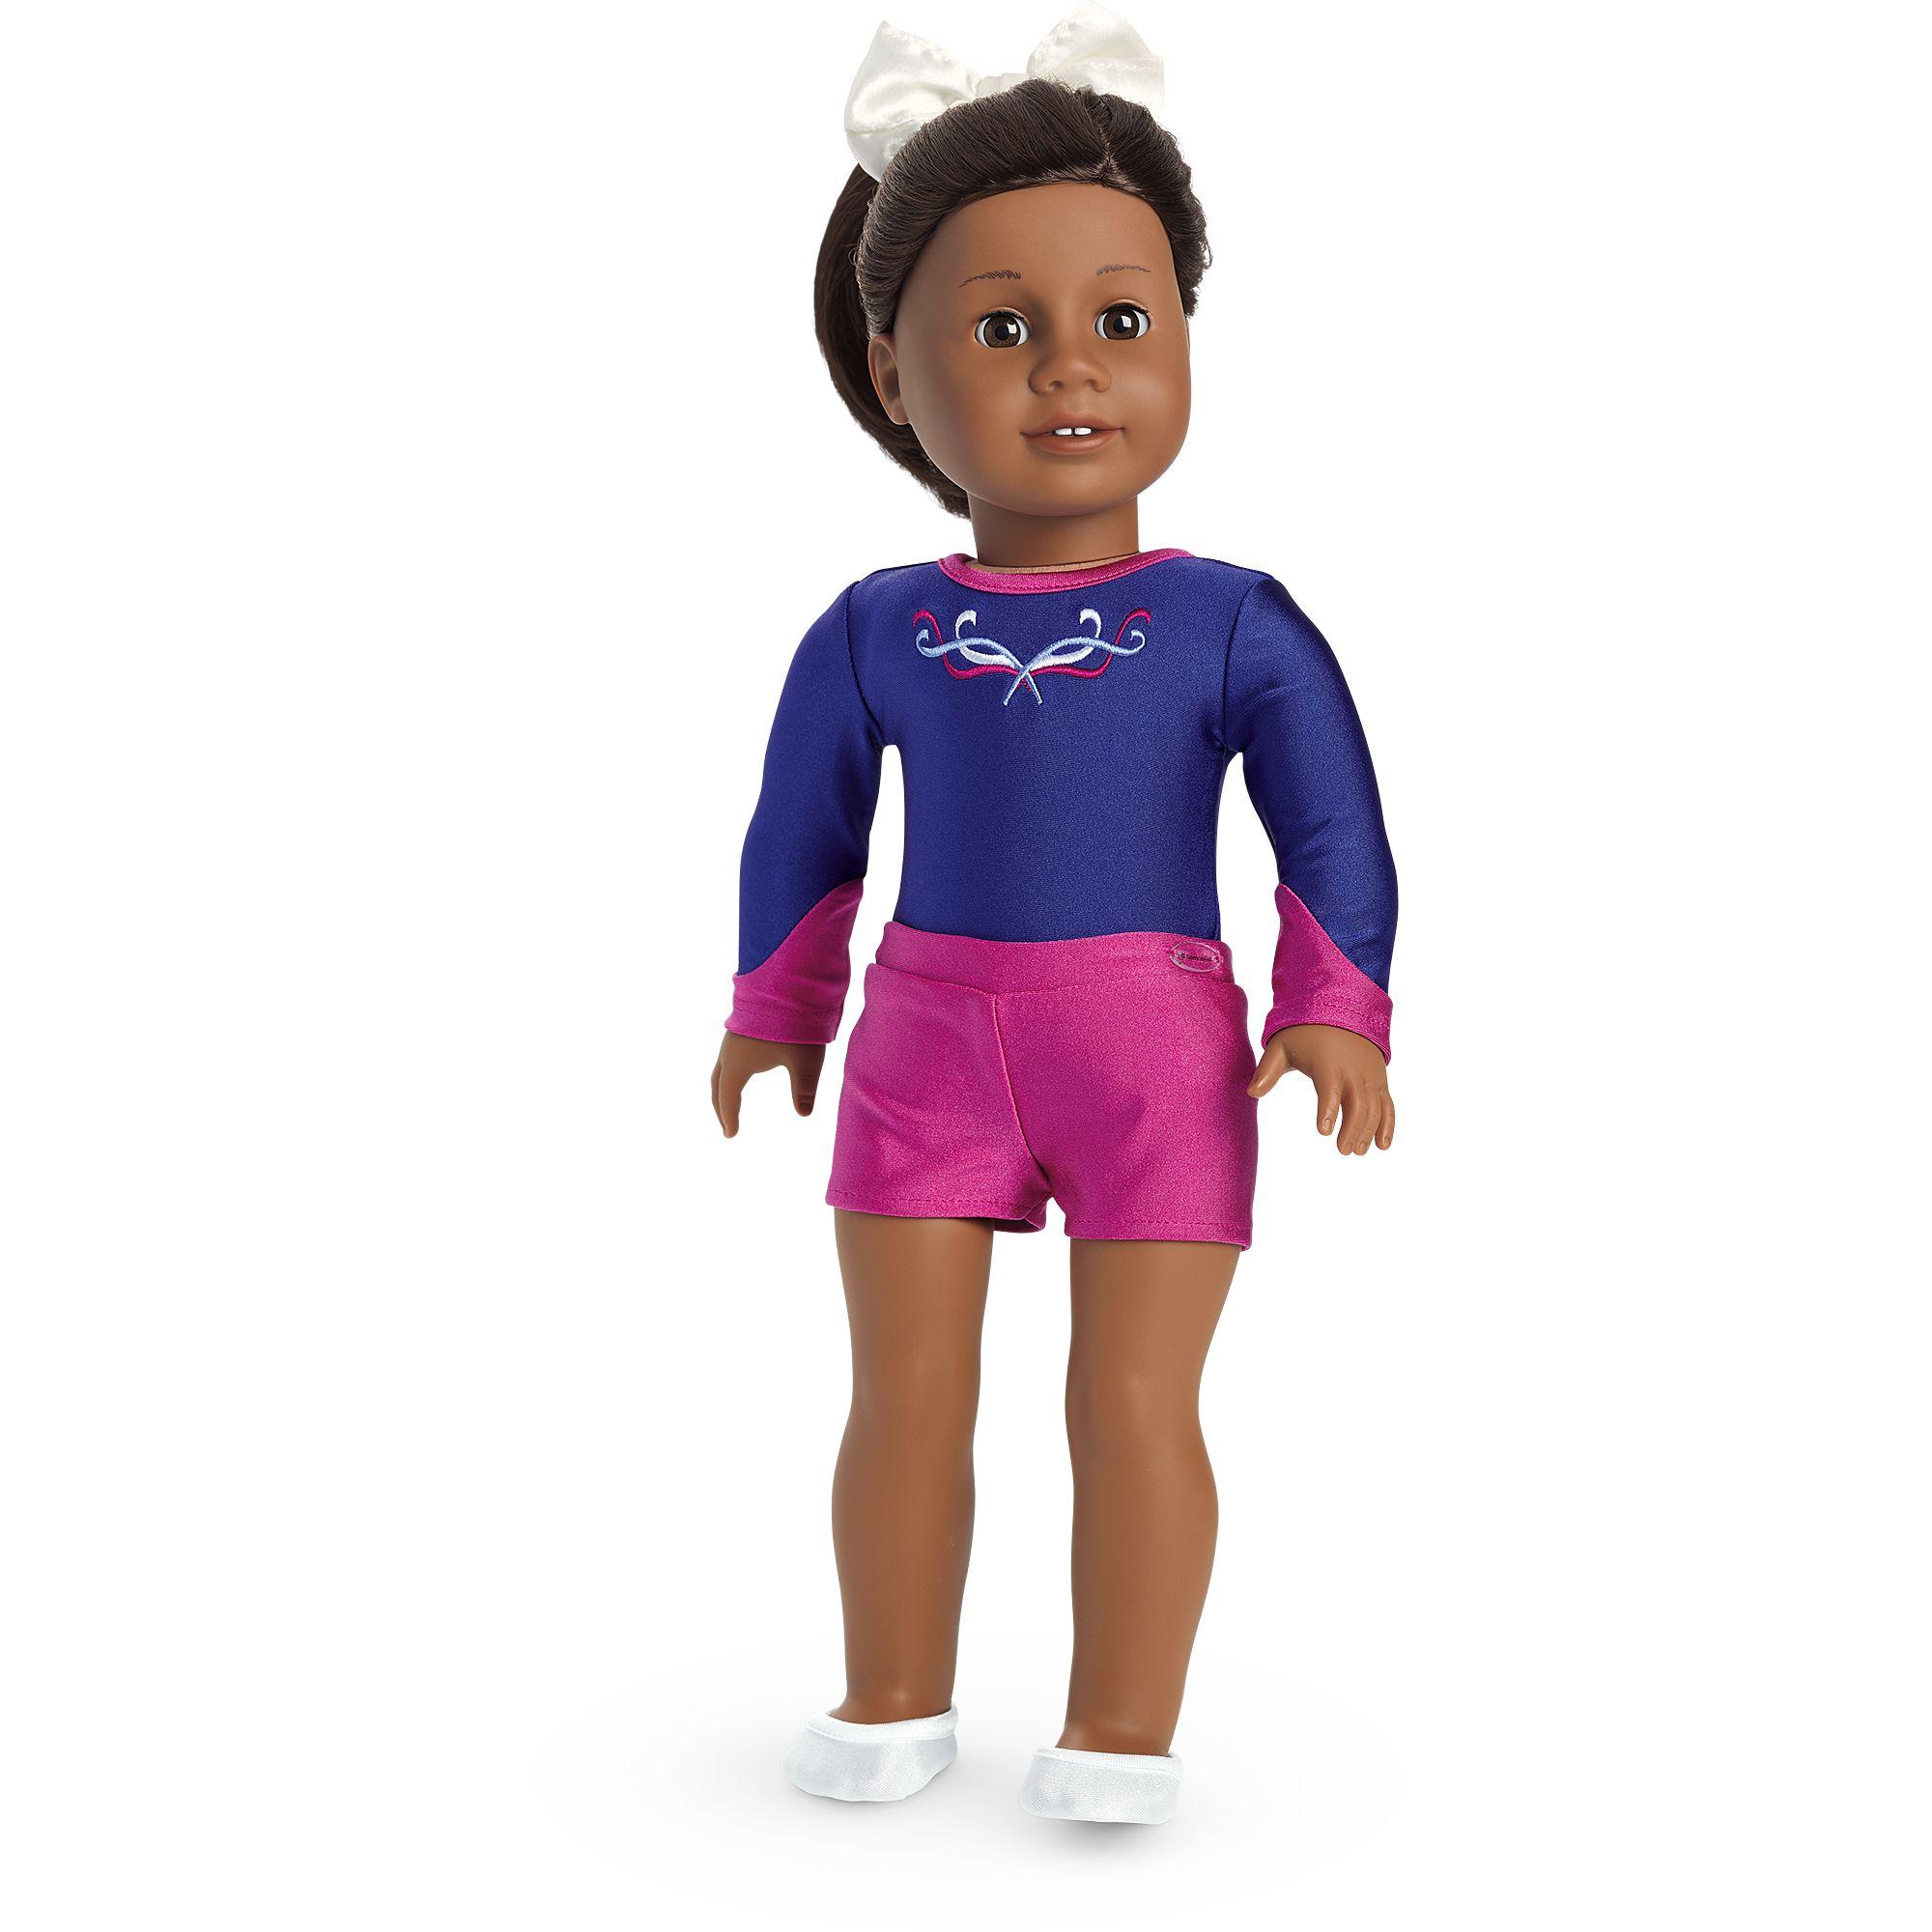 Gymnastics Outfit IV